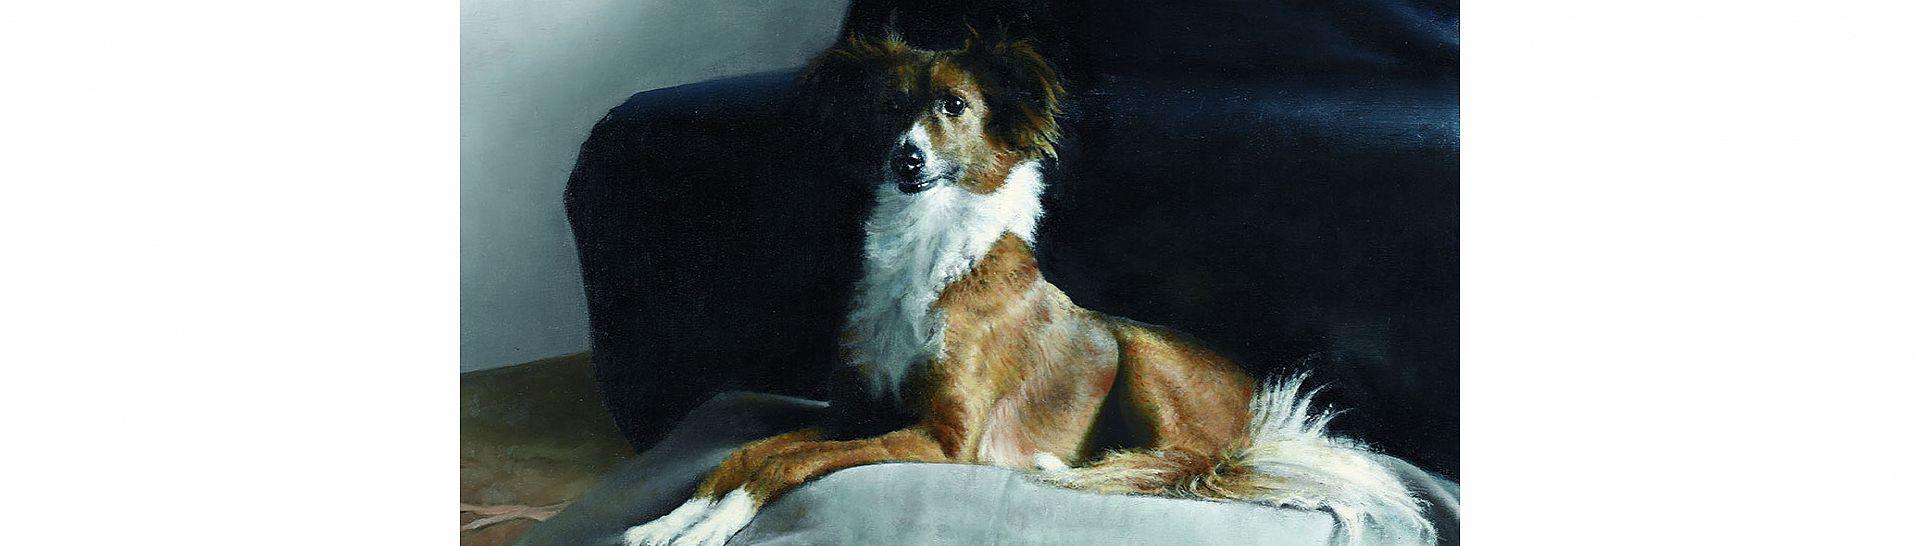 כלבים וחתולים בביצועים אופראים